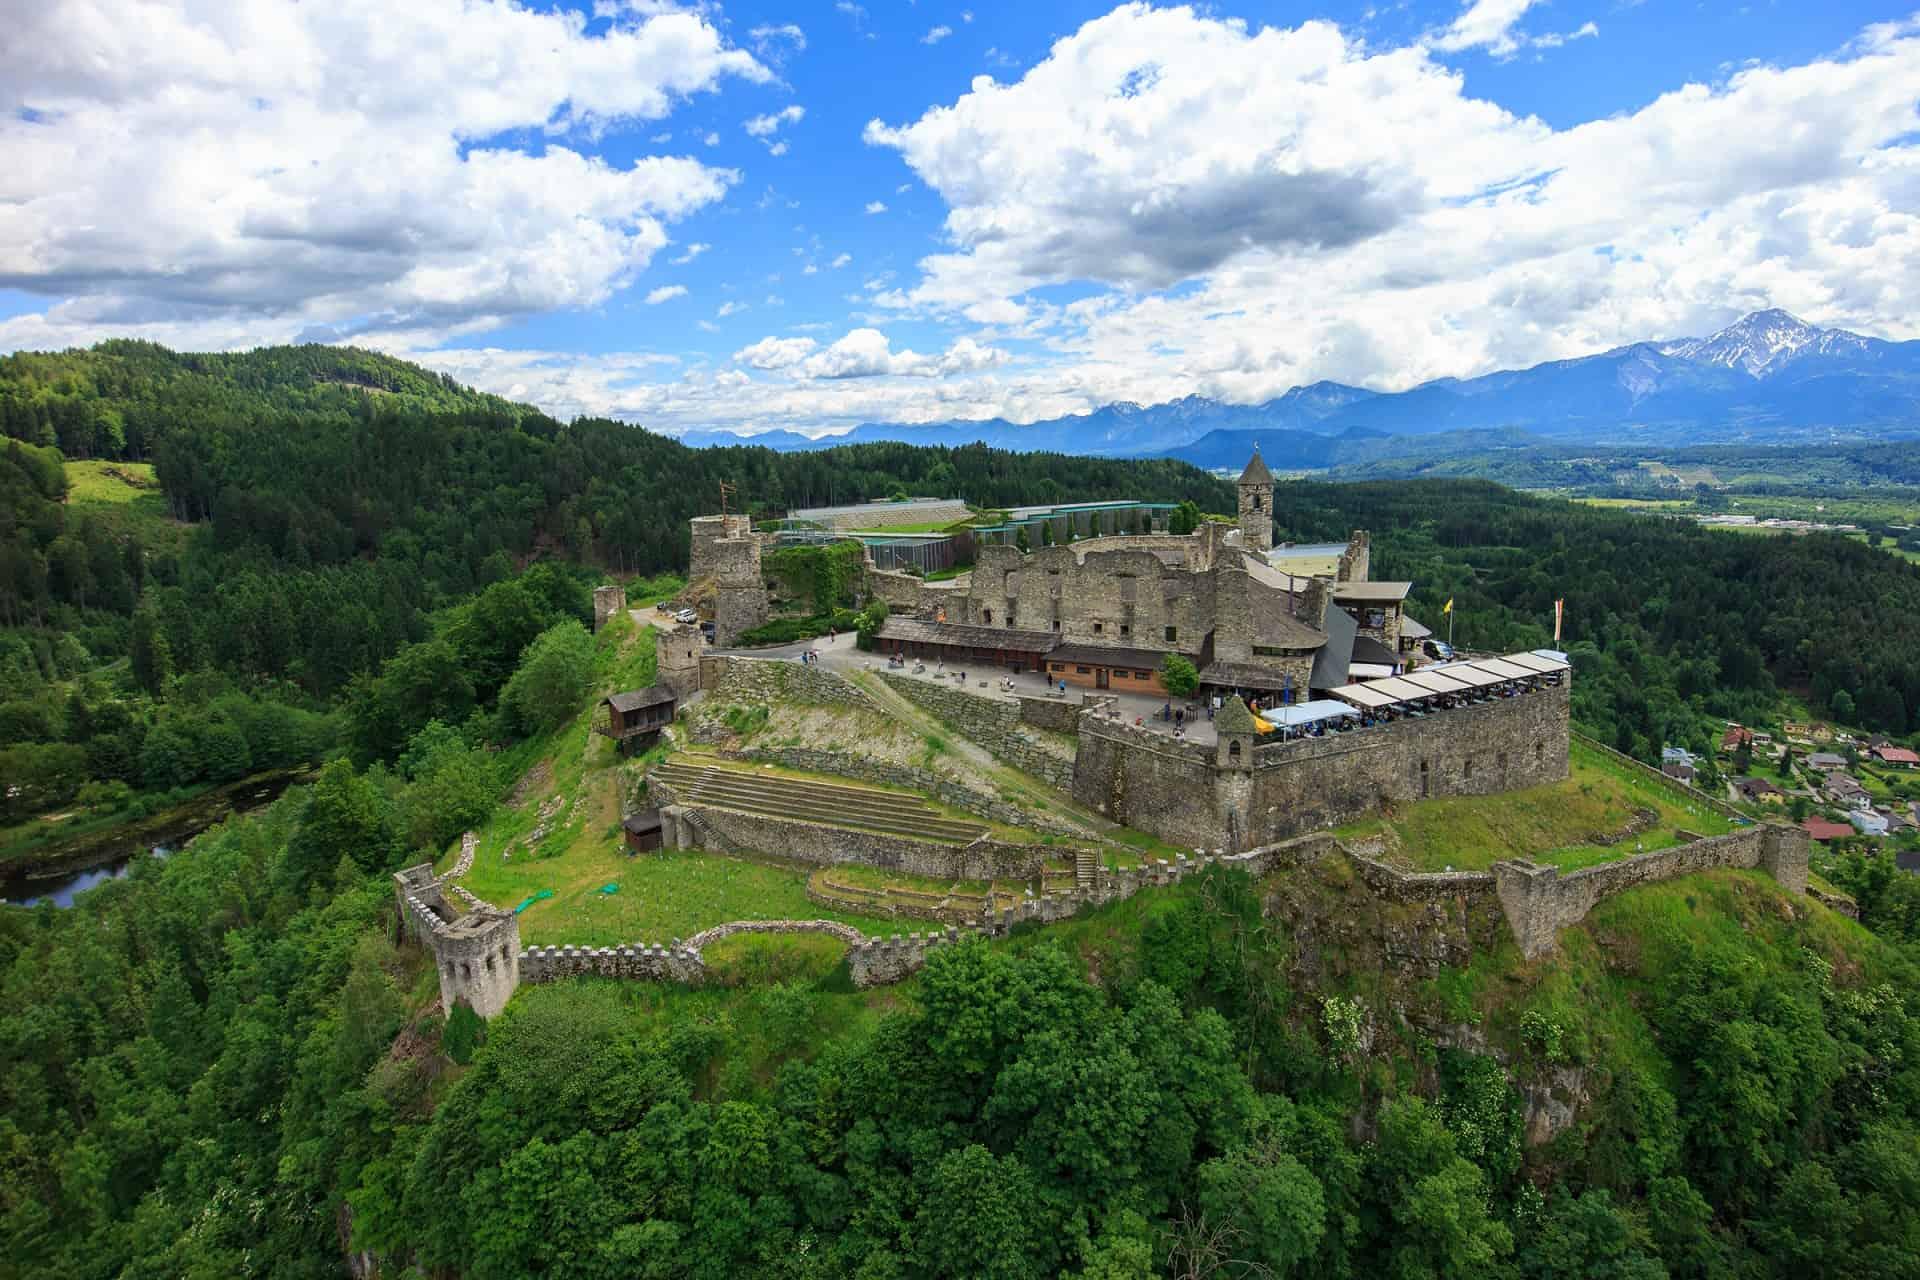 Burg Landskron mit Adlerarena bei Villach in Kärnten - geöffnete Sehenswürdigkeit im Frühling